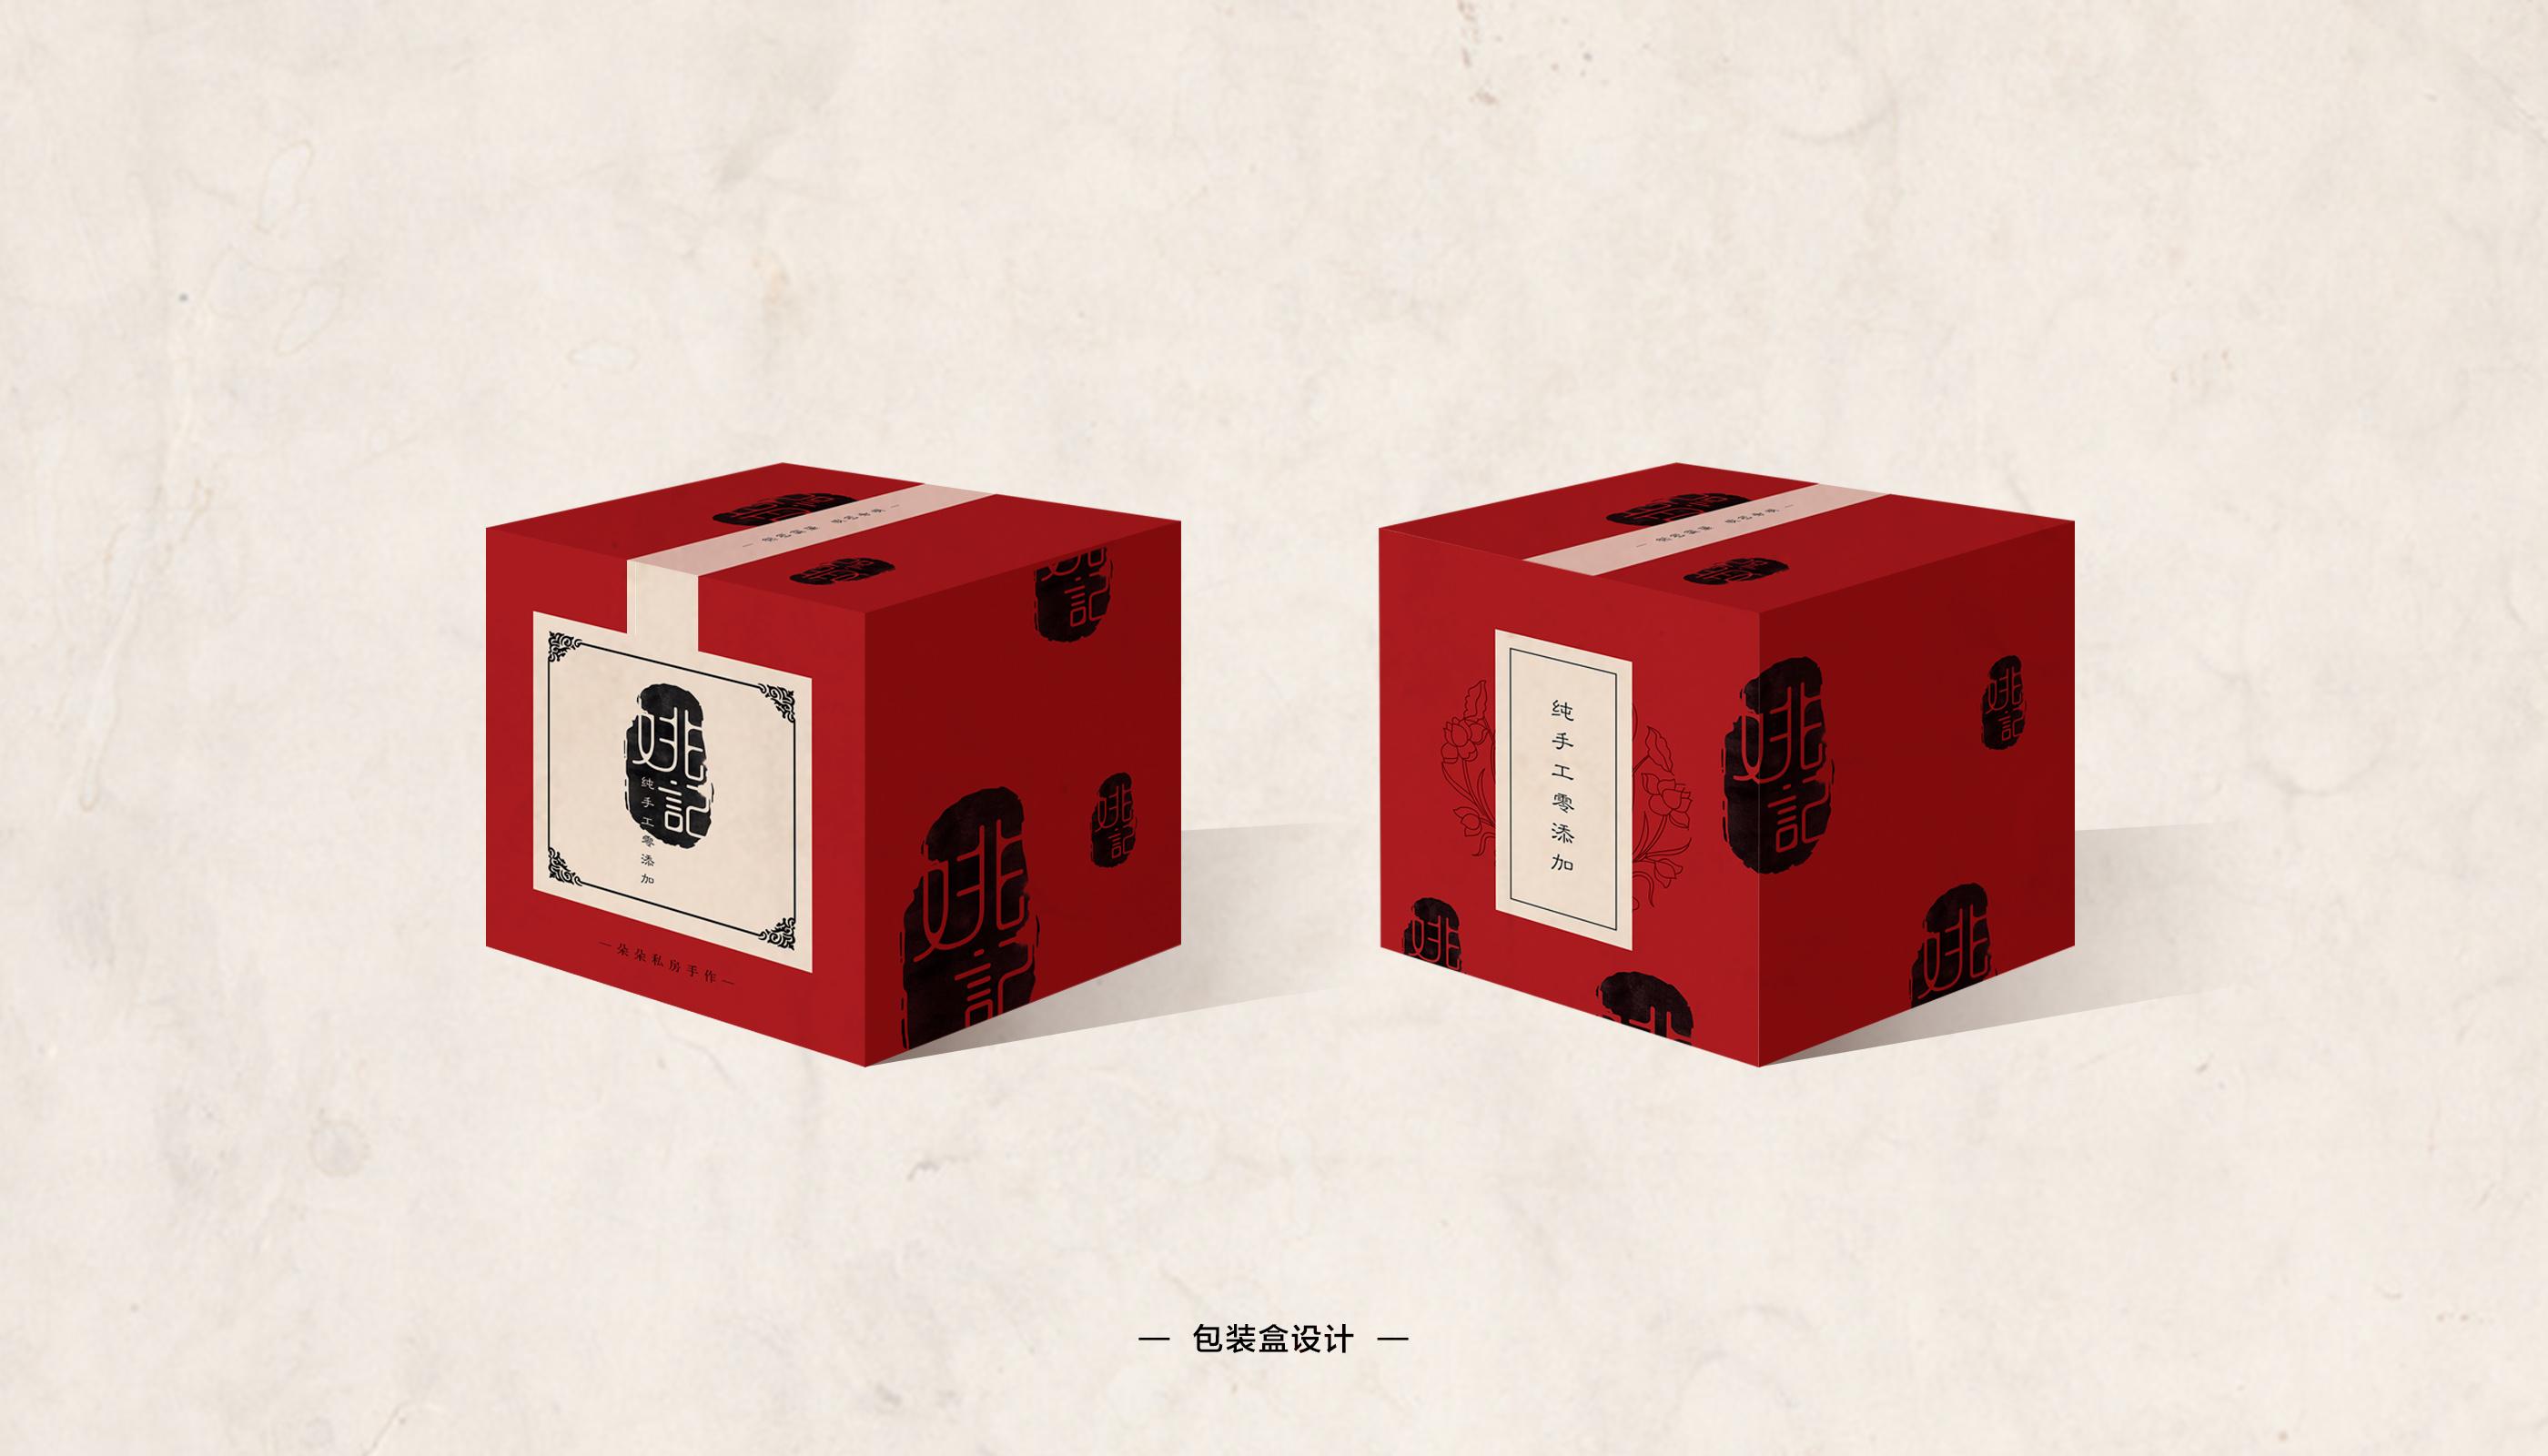 小丫头空间升级记19_品牌设计-姚记饮品|平面|品牌|玄子nana - 原创作品 - 站酷 (ZCOOL)